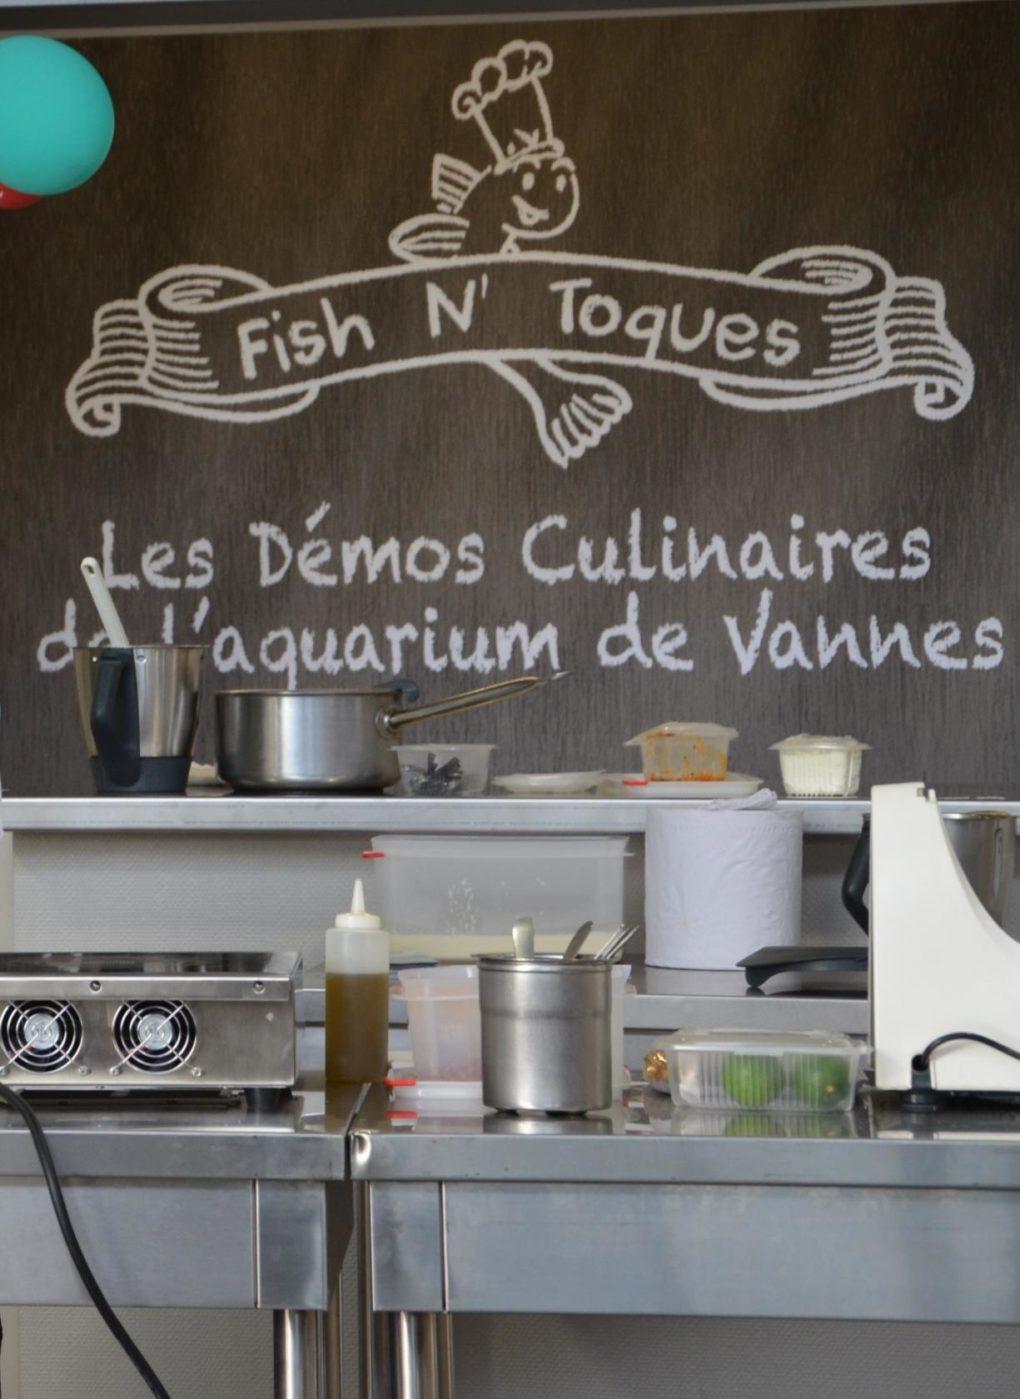 Démo culinaire Fish N' Toques par François Demassard Vannes